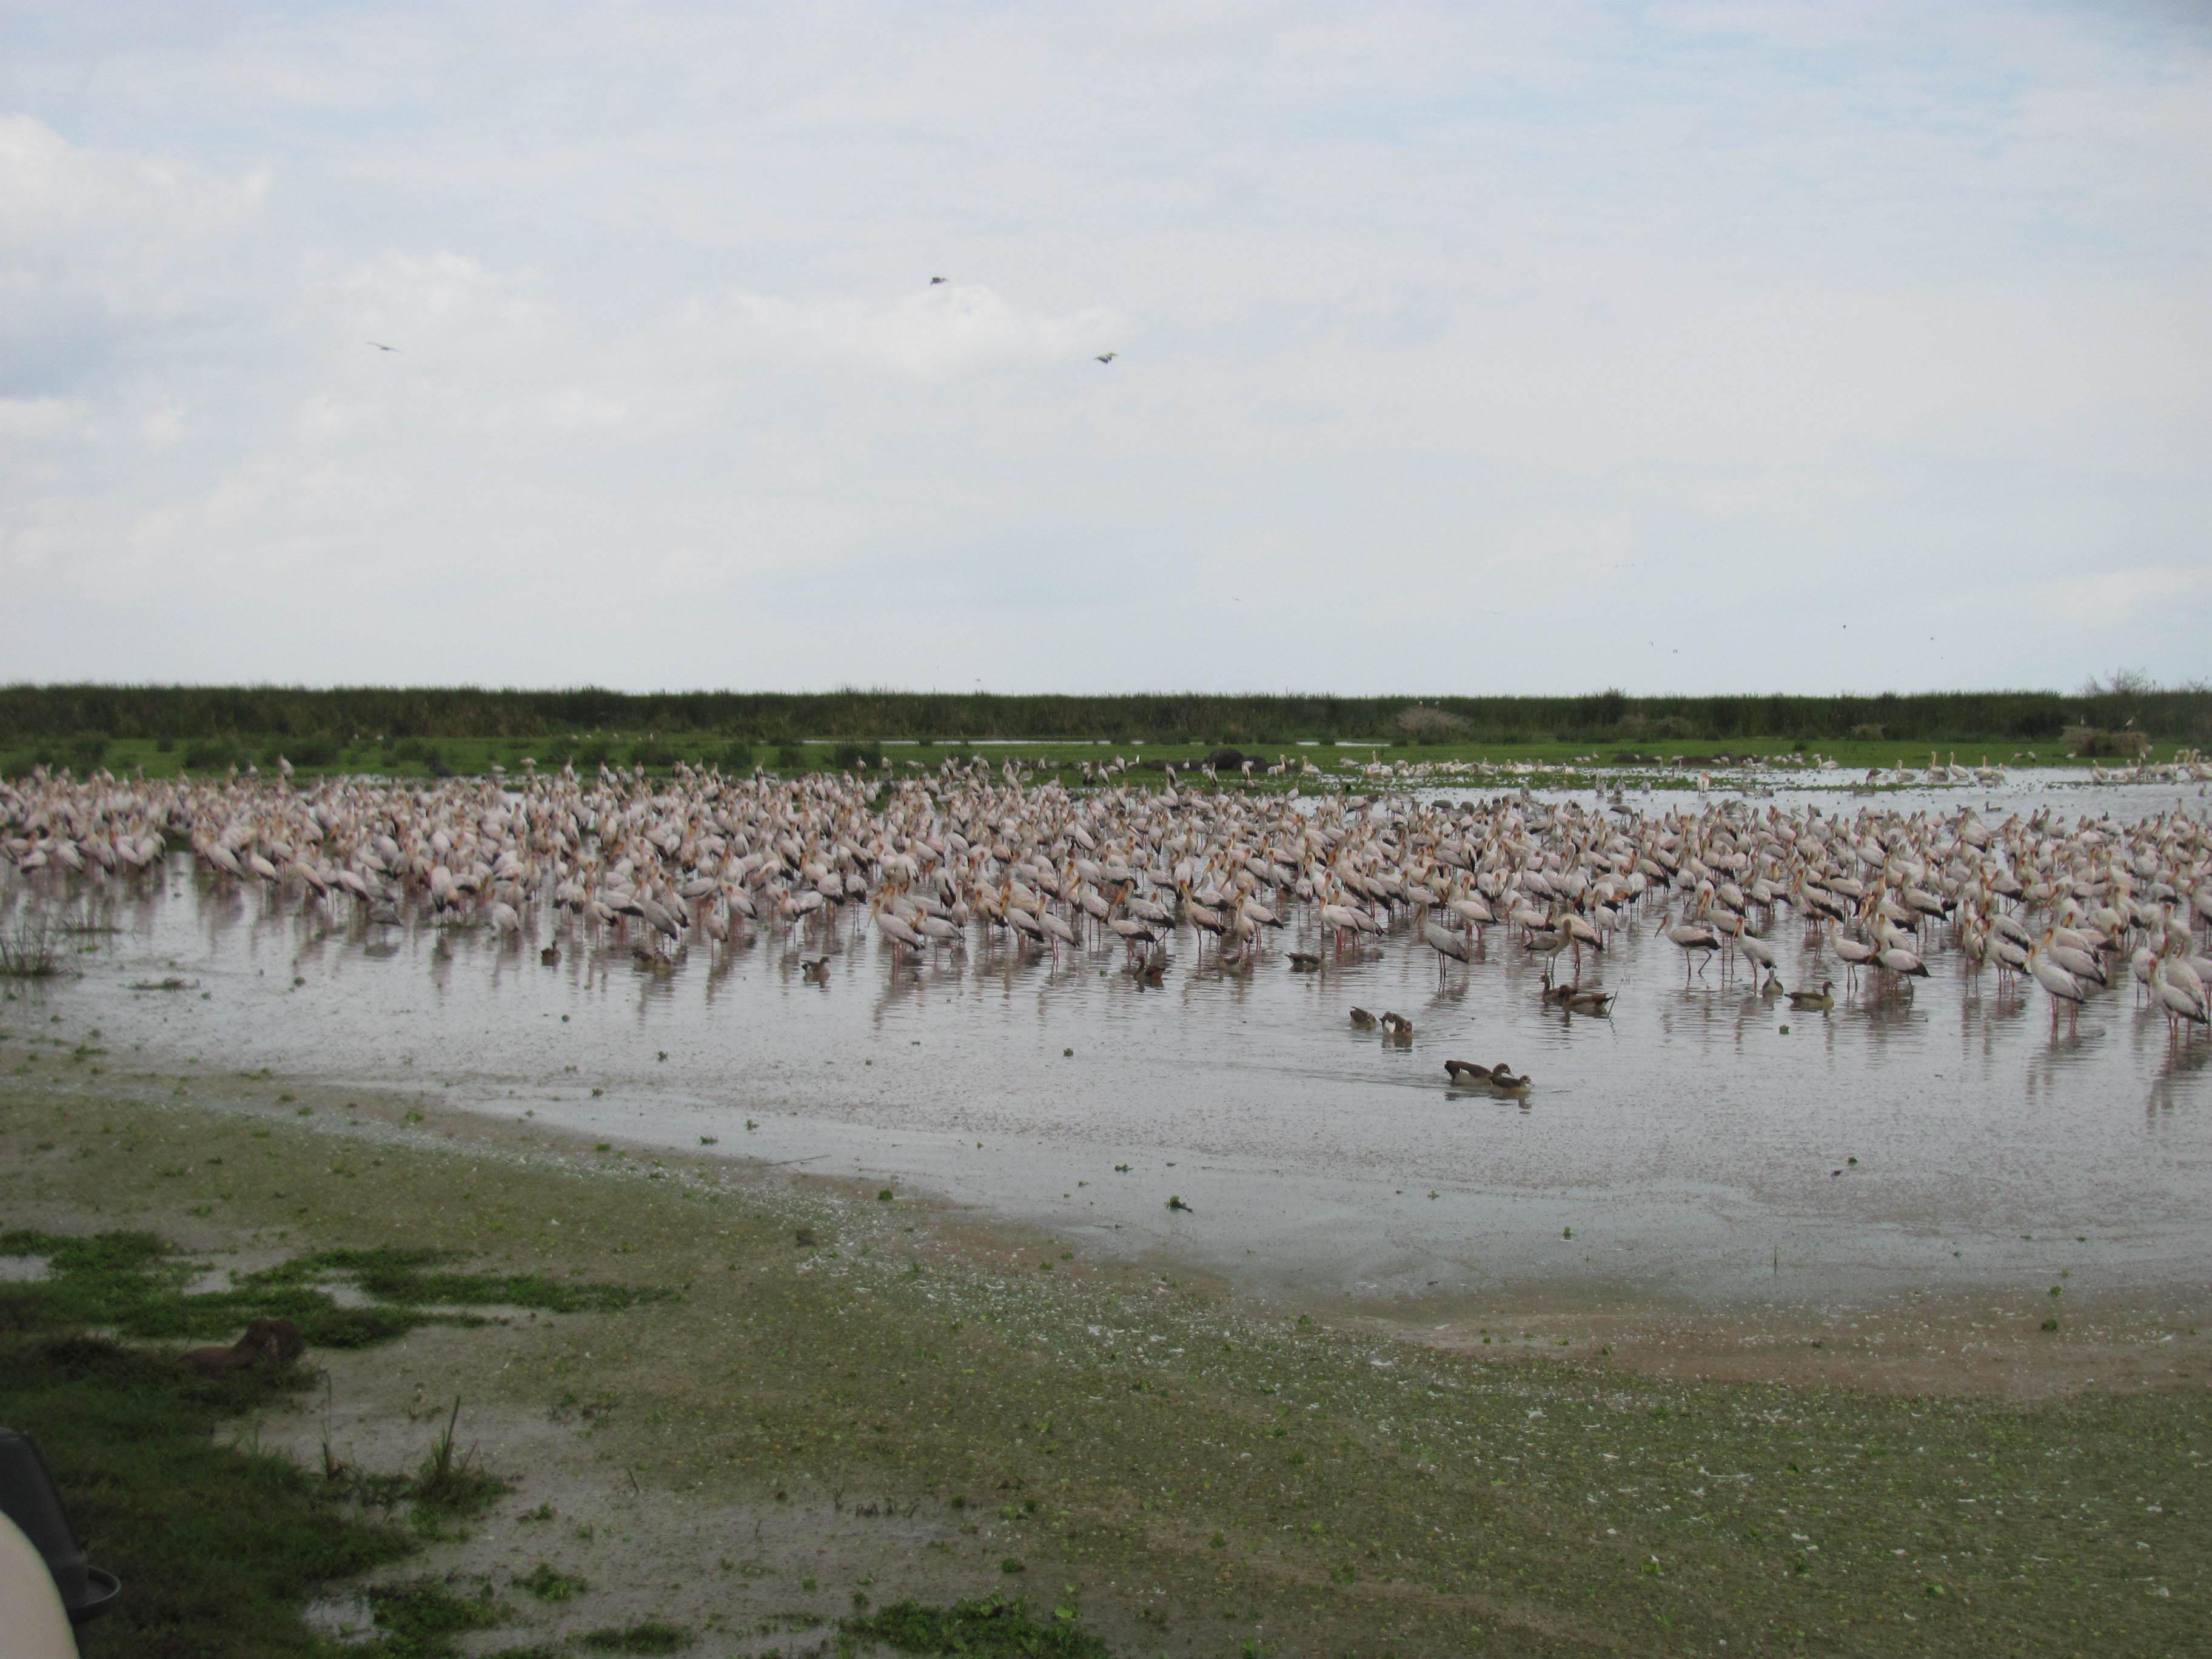 Image of Wood Storks